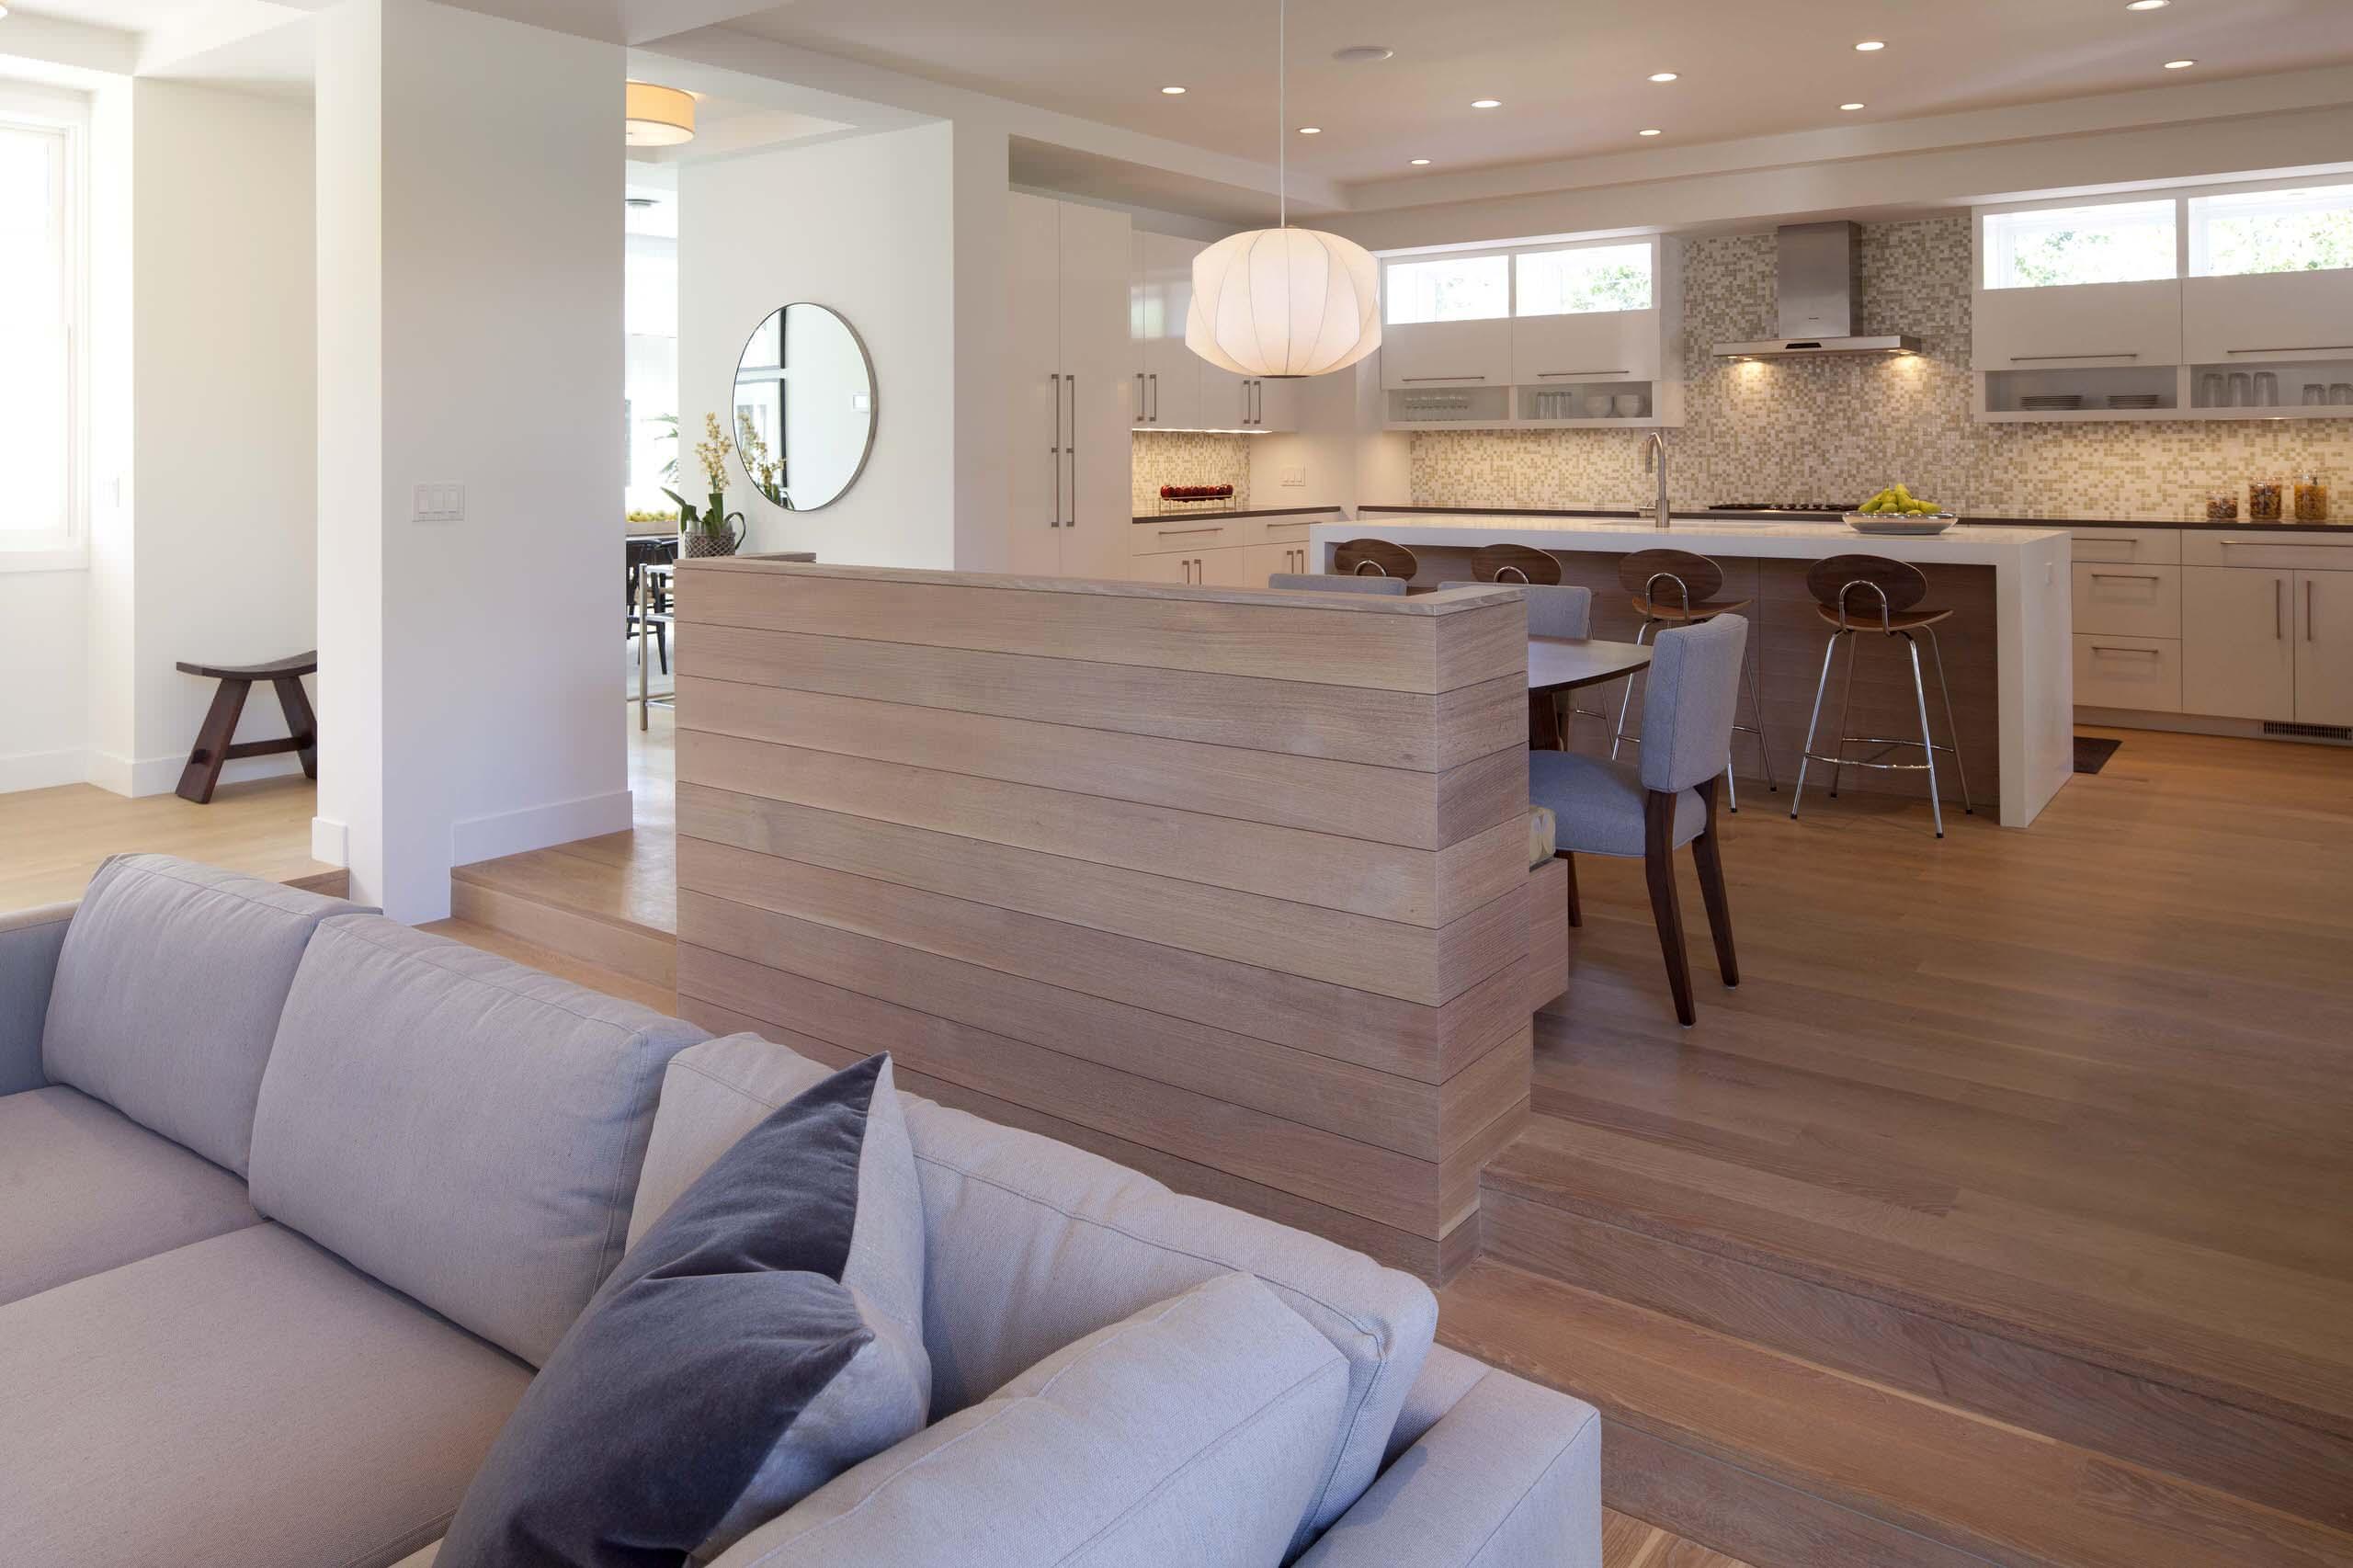 Kitchen Wall Divider Ideas & Photos   Houzz